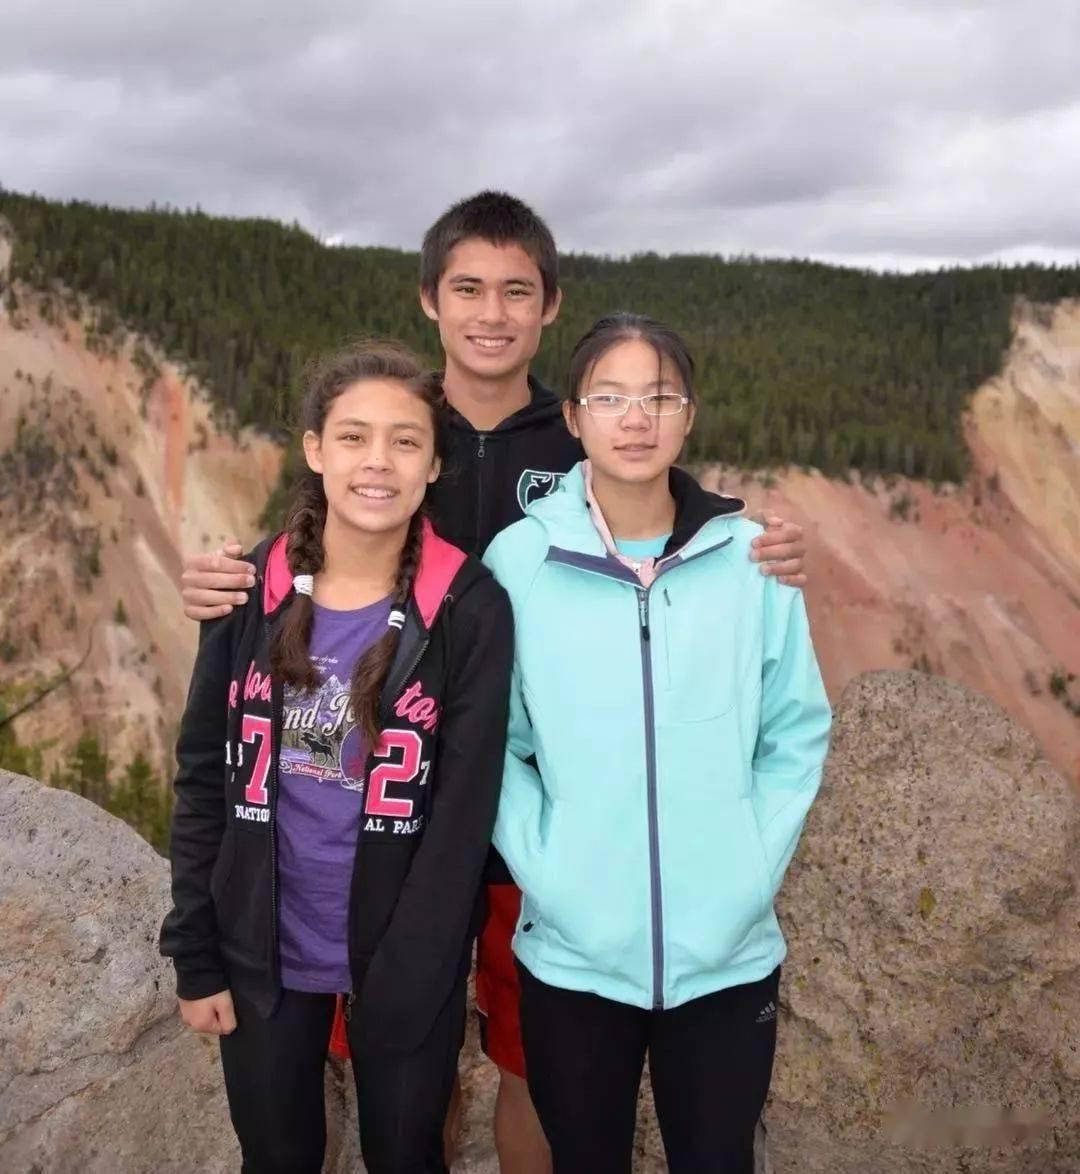 华裔母亲的万字回忆:女儿17年的藤校路,值得每个留学家庭看看!